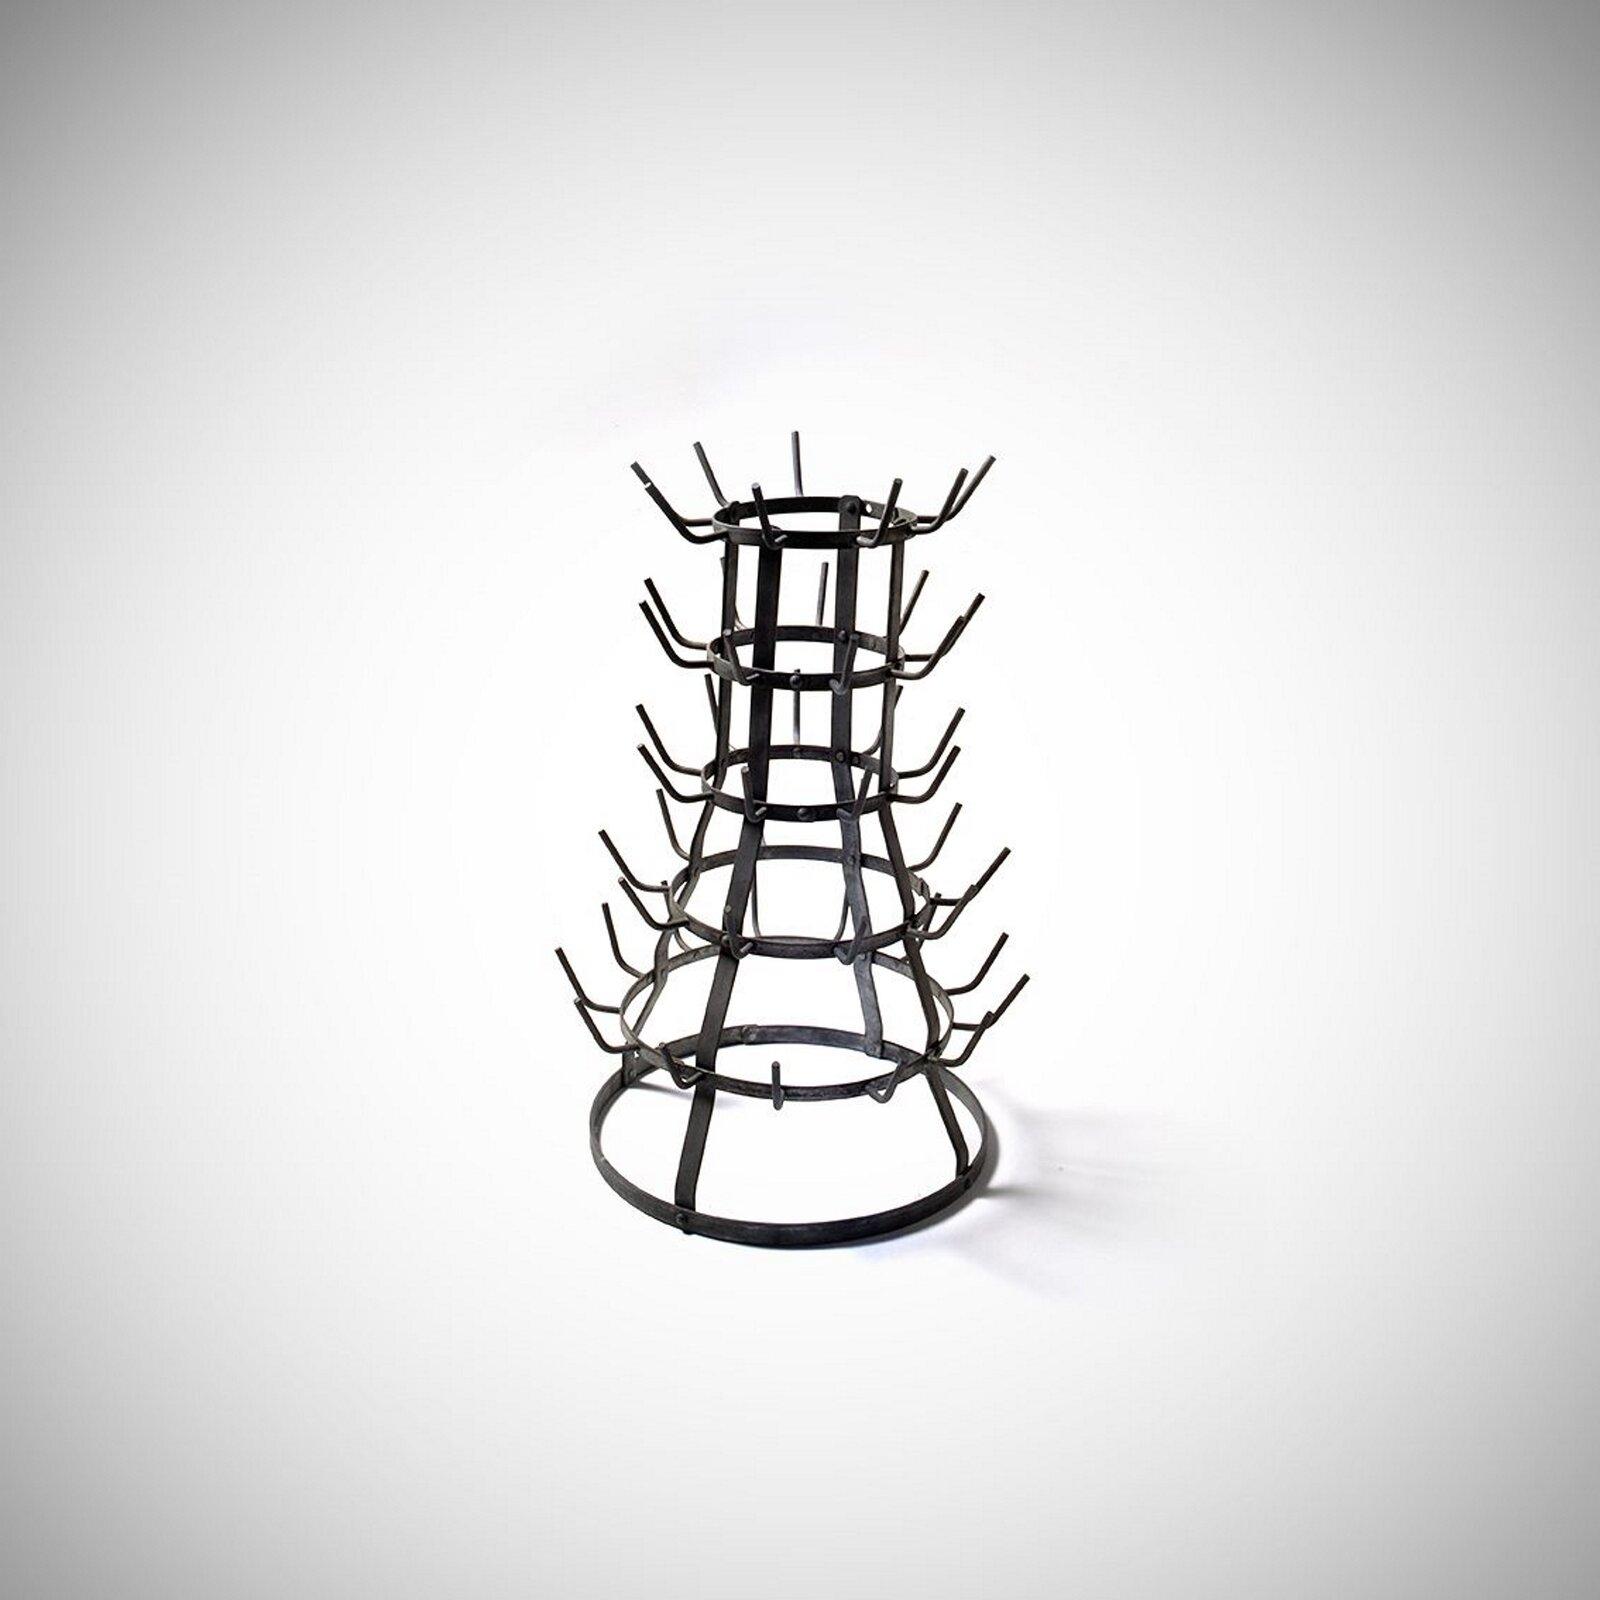 """Ilustracja przedstawia pracę Marcela Duchampa pt. """"Suszarka do butelek"""". Dzieło powstało w1914 roku. Autorem dzieła był francuski malarz kojarzony znurtami kubizmu isztuki konceptualnej. Na ilustracji znajduje się metalowa suszarka na butelki."""